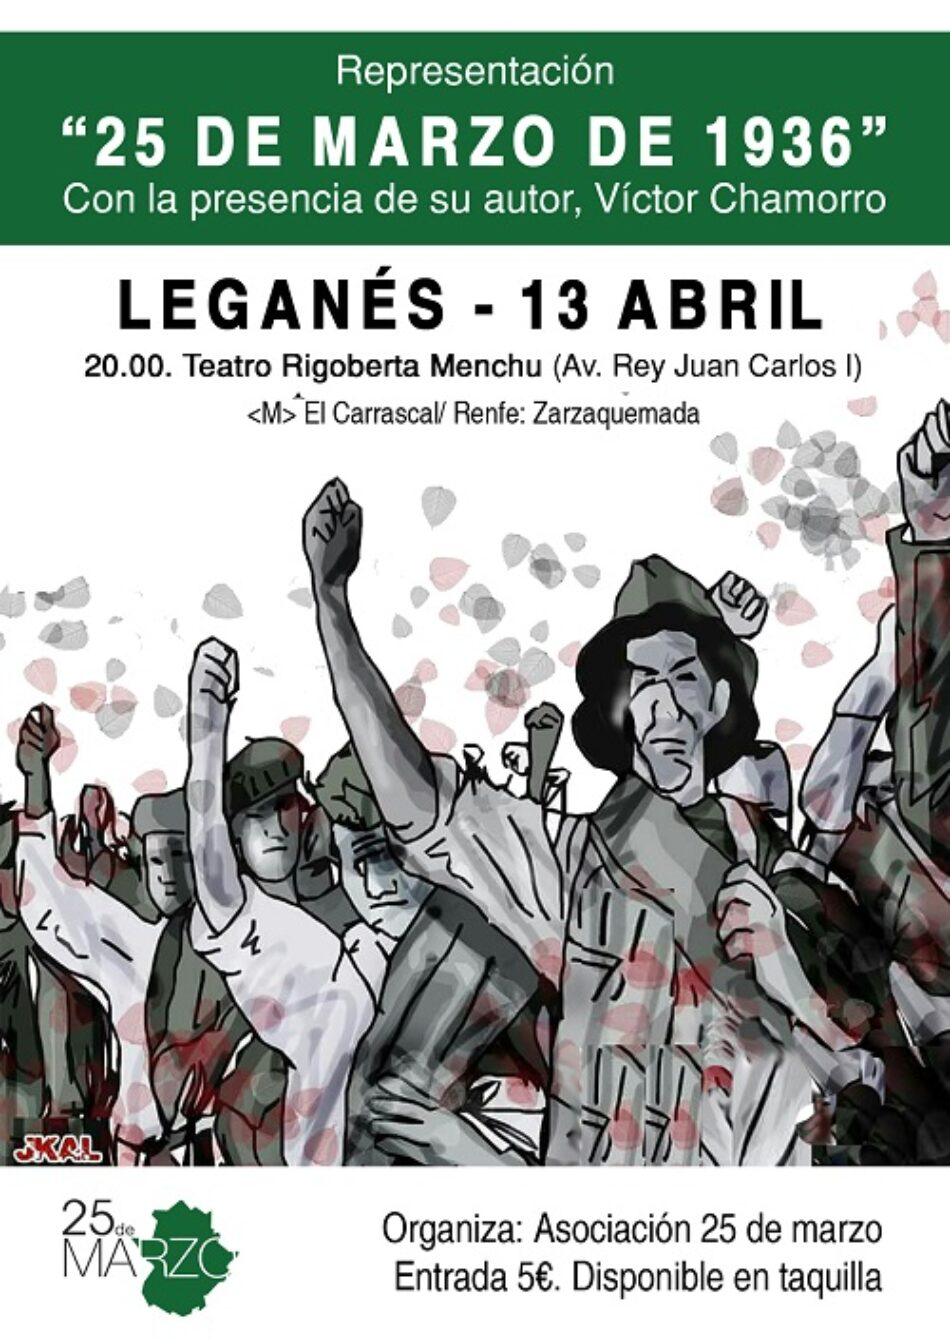 """La obra de teatro extremeña """"25 de marzo de 1936"""" llega a Leganés el próximo sábado"""